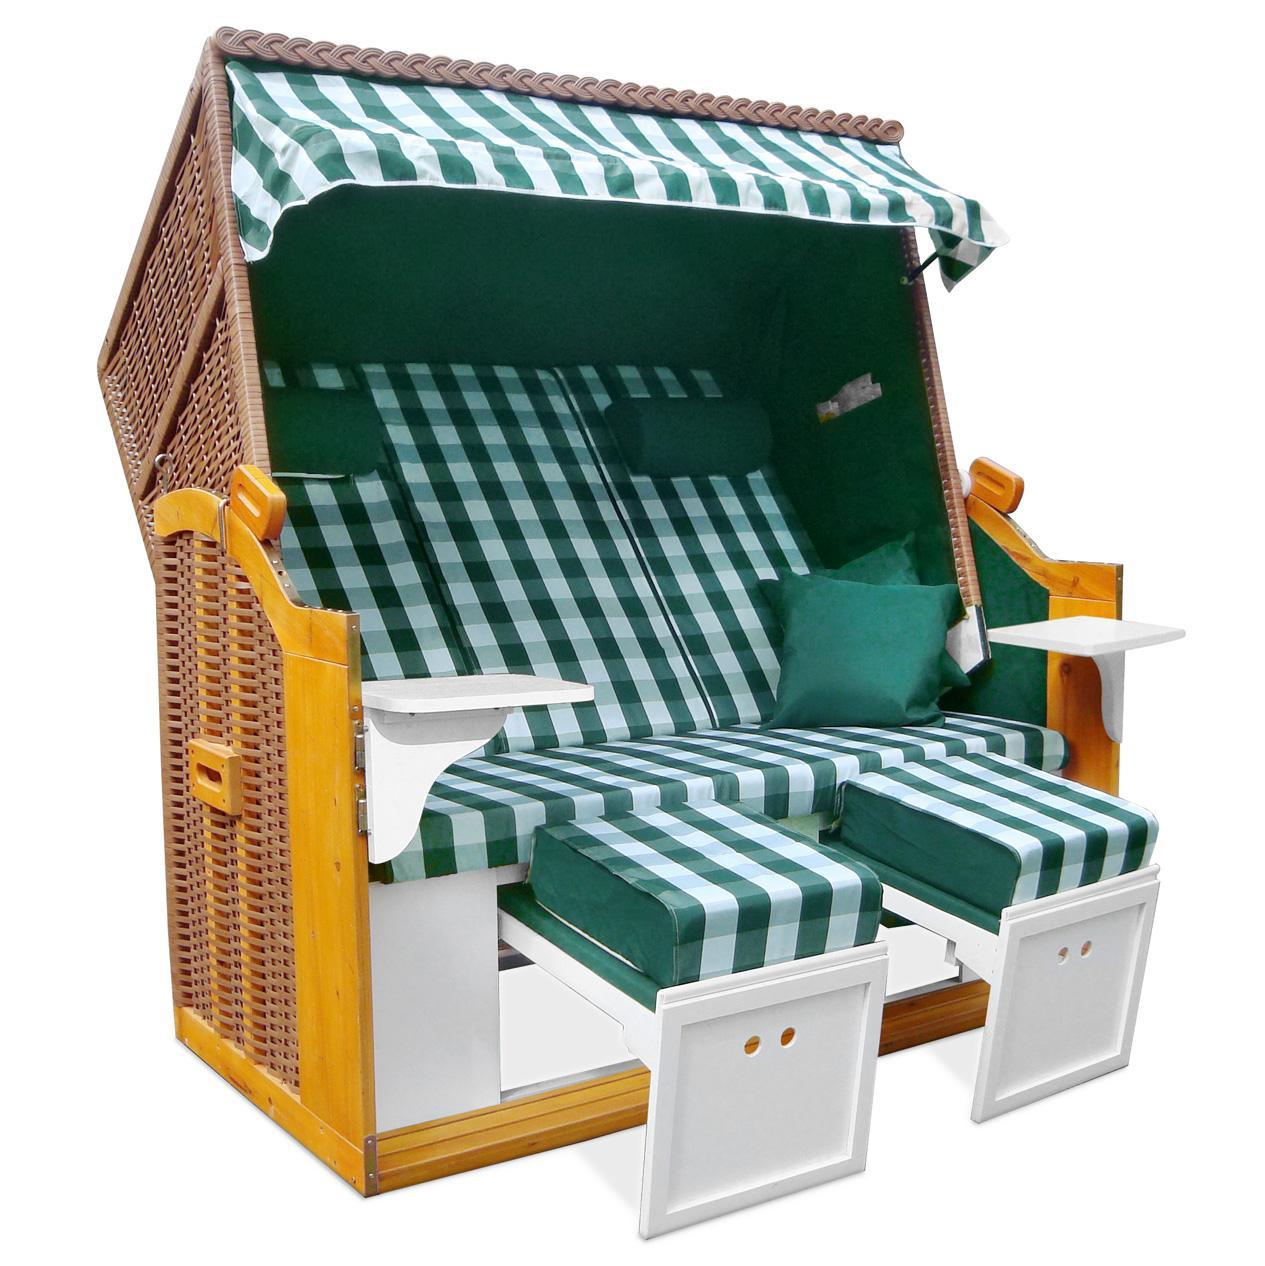 strandkorb 160cm premium ostsee volllieger xxl hollywoodschaukel zubeh r gr. Black Bedroom Furniture Sets. Home Design Ideas